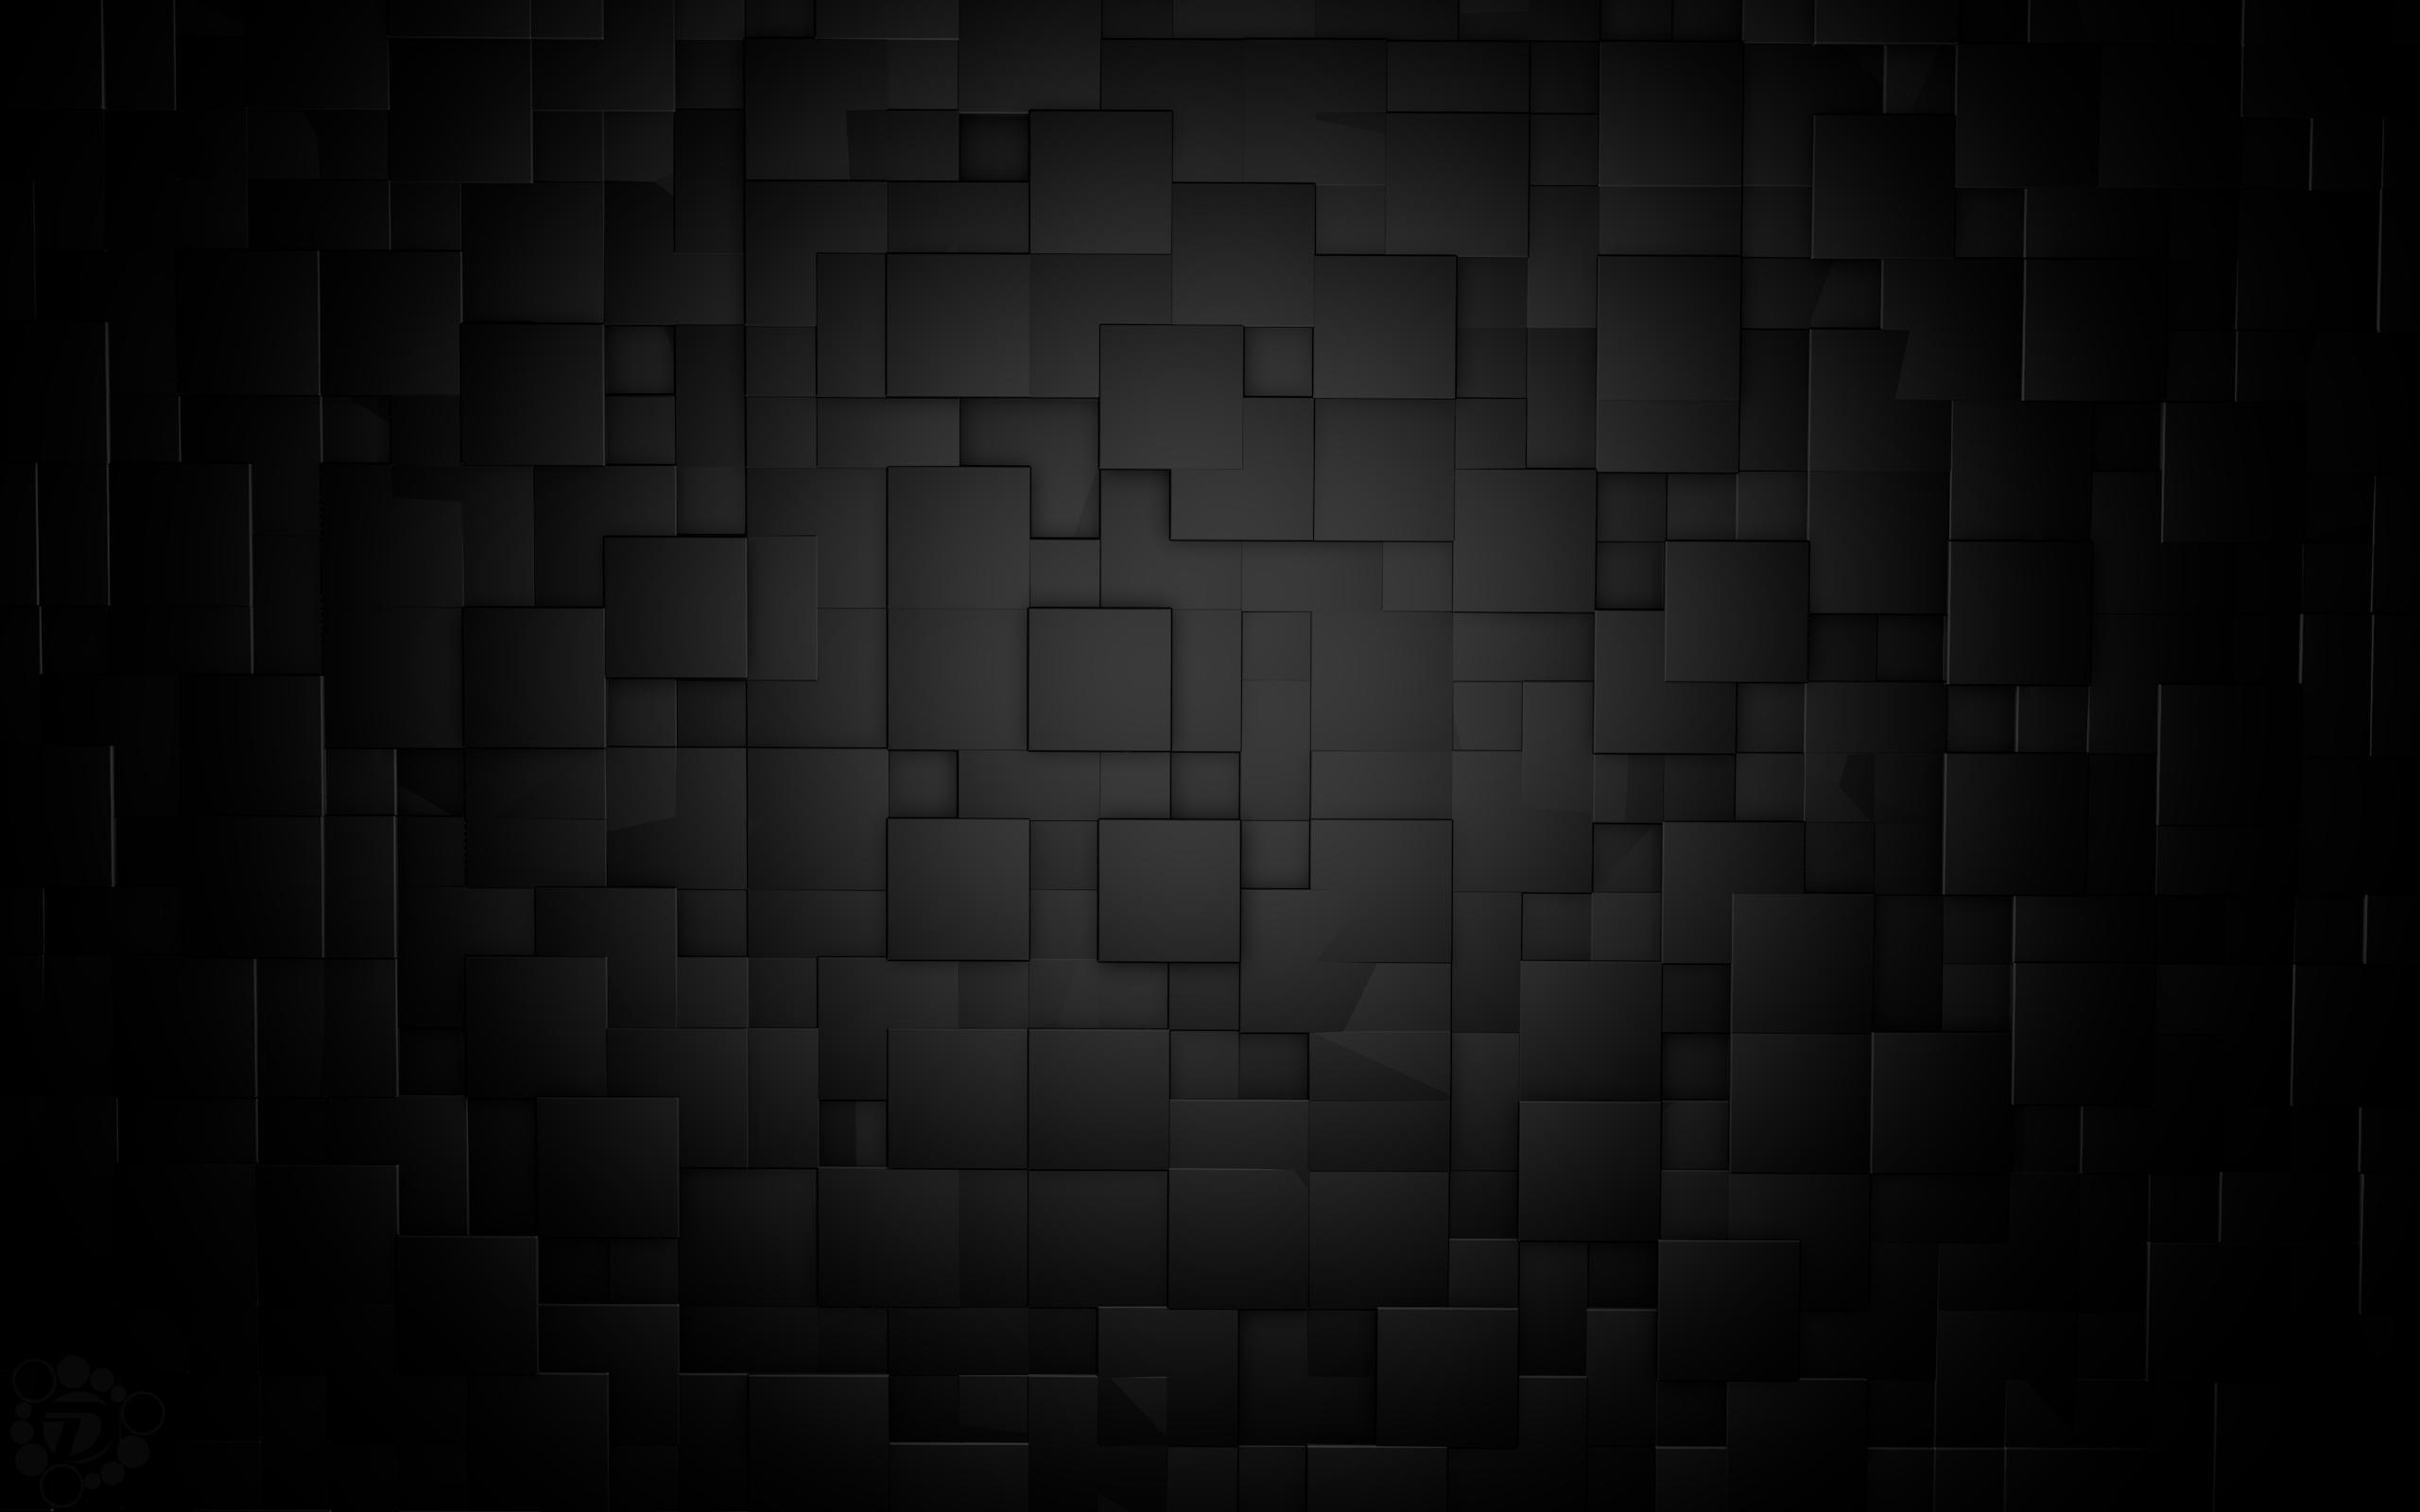 Sfondi bianca monocromo minimalismo parete simmetria for Modello di layout del pavimento